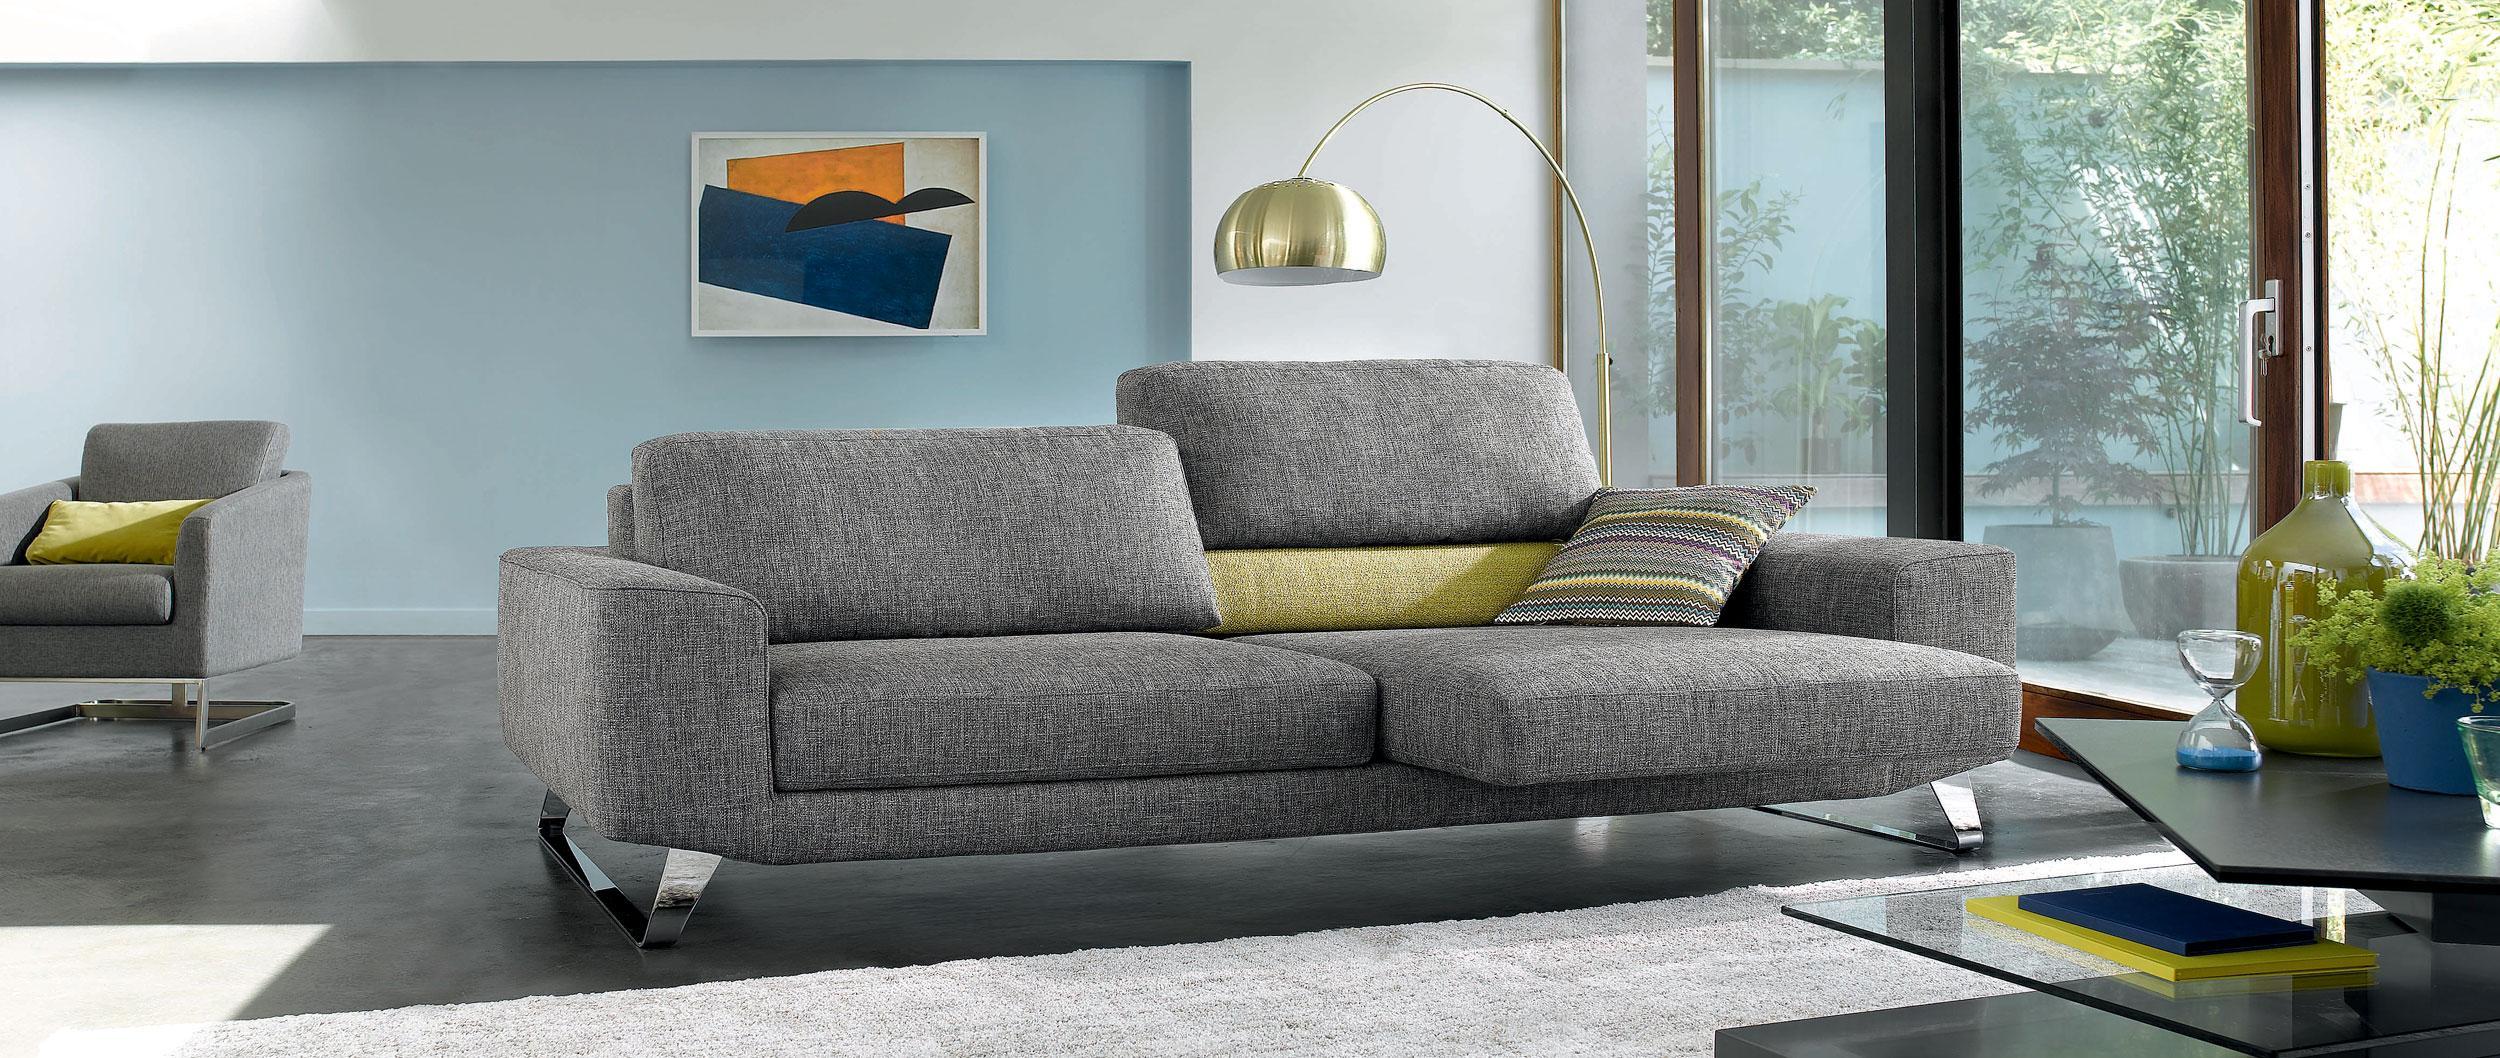 Cuir center canapé tissu